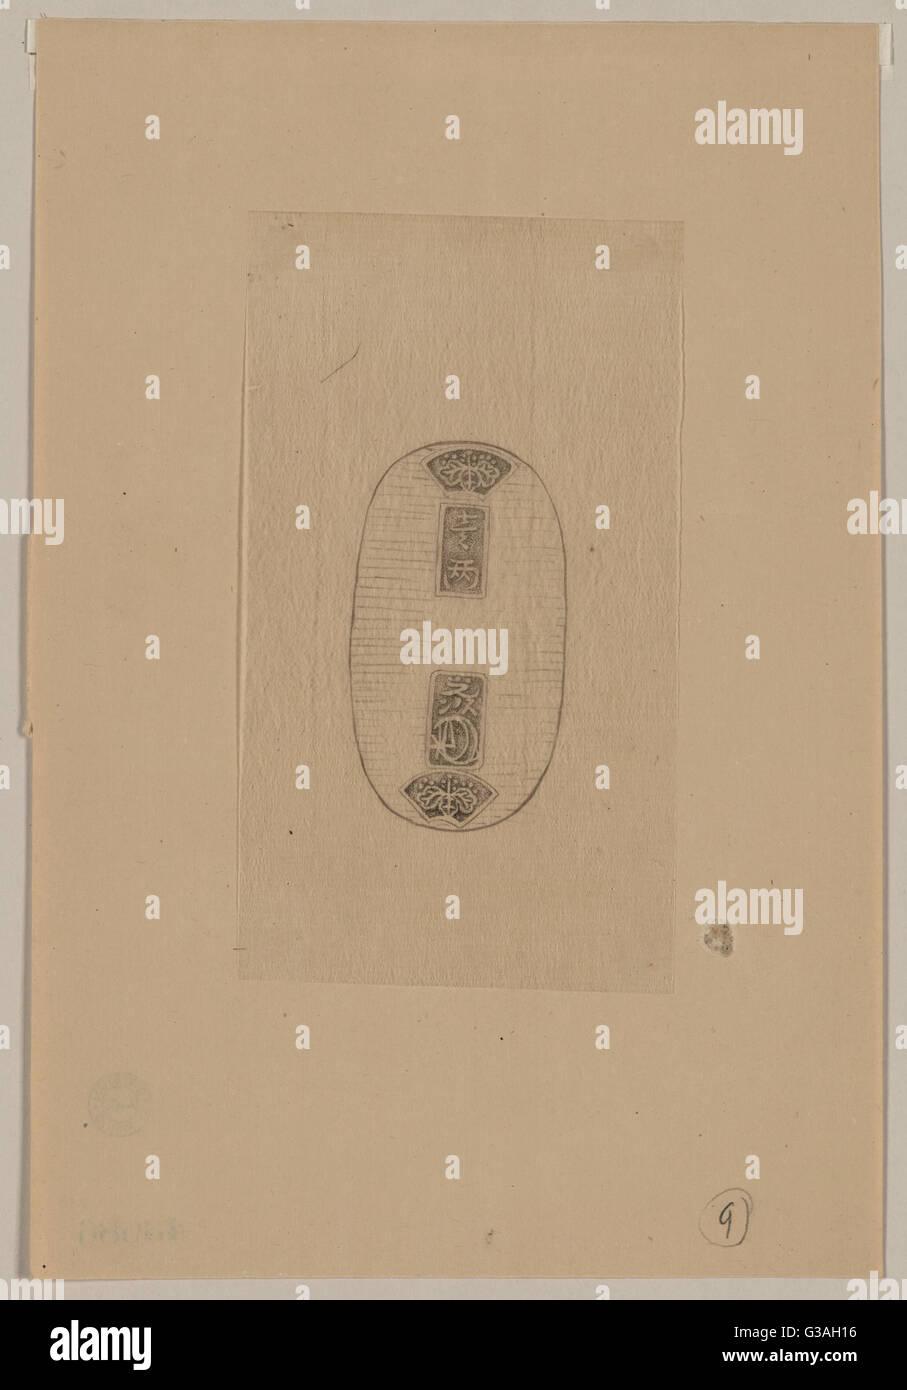 Dessin de conception de joint ou autre marque pour les entreprises commerciales. Date 1878. Photo Stock